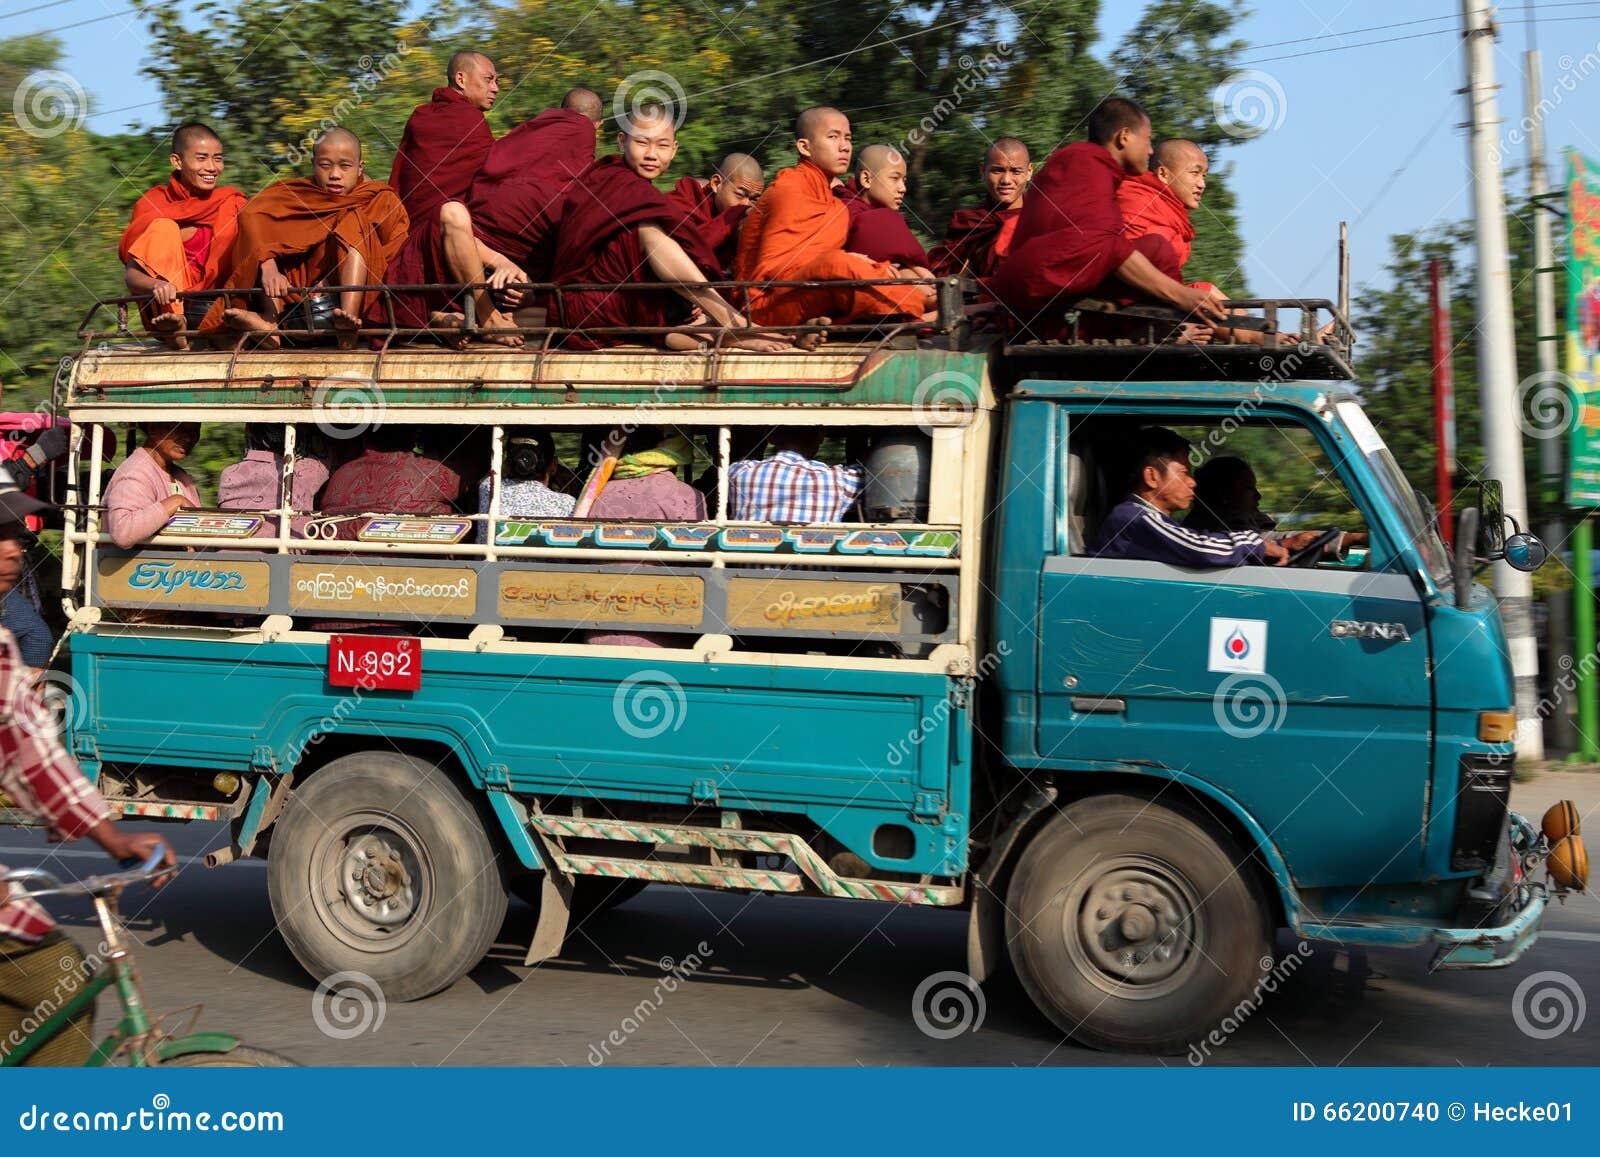 Monges em um caminhão